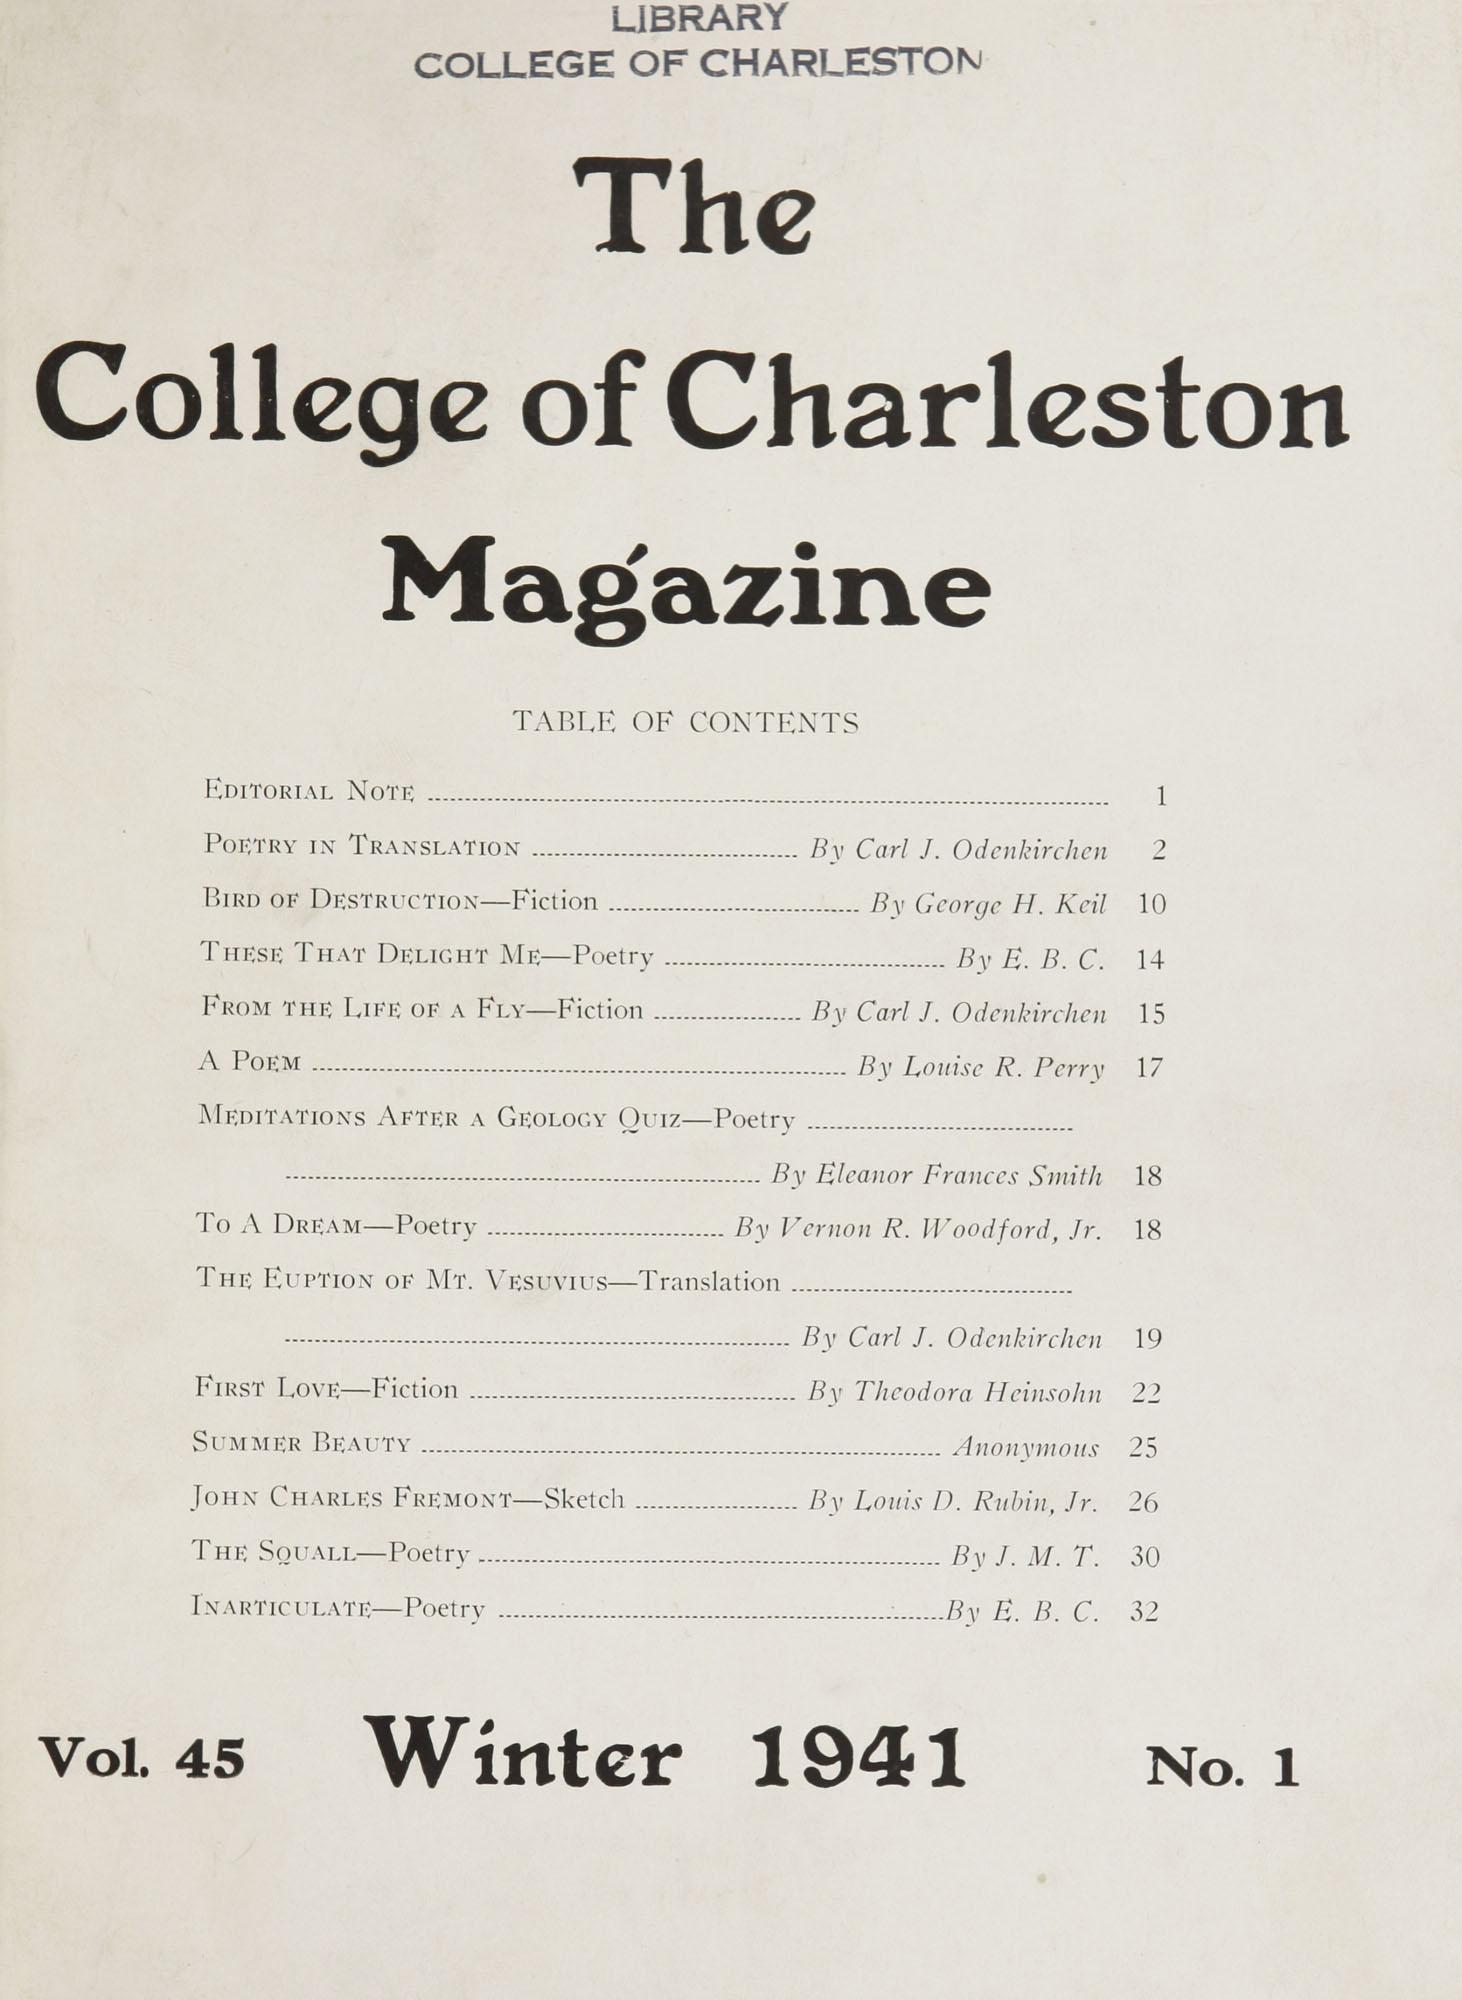 College of Charleston Magazine, 1941-1942, Vol. 45 No. 1, cover